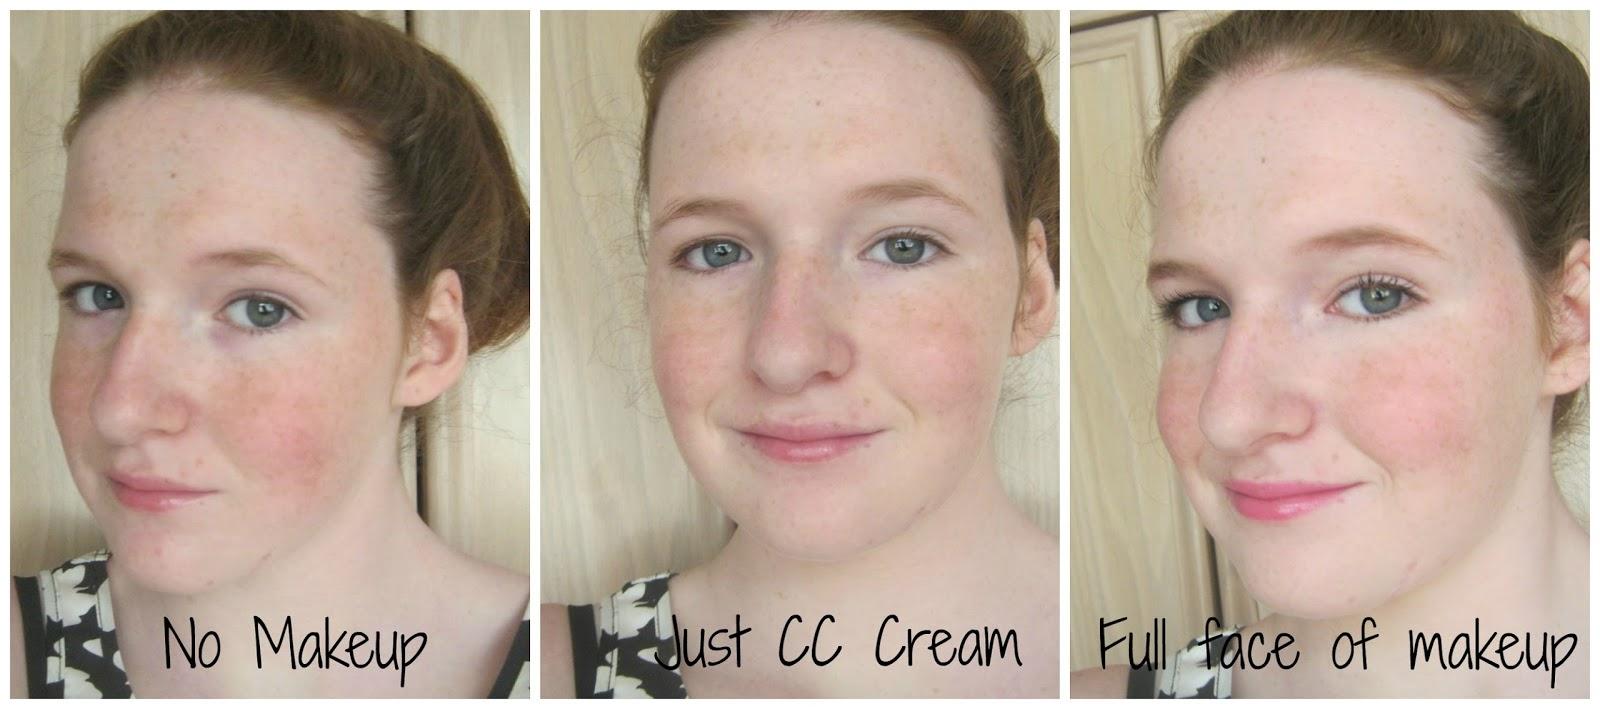 cc cream under foundation